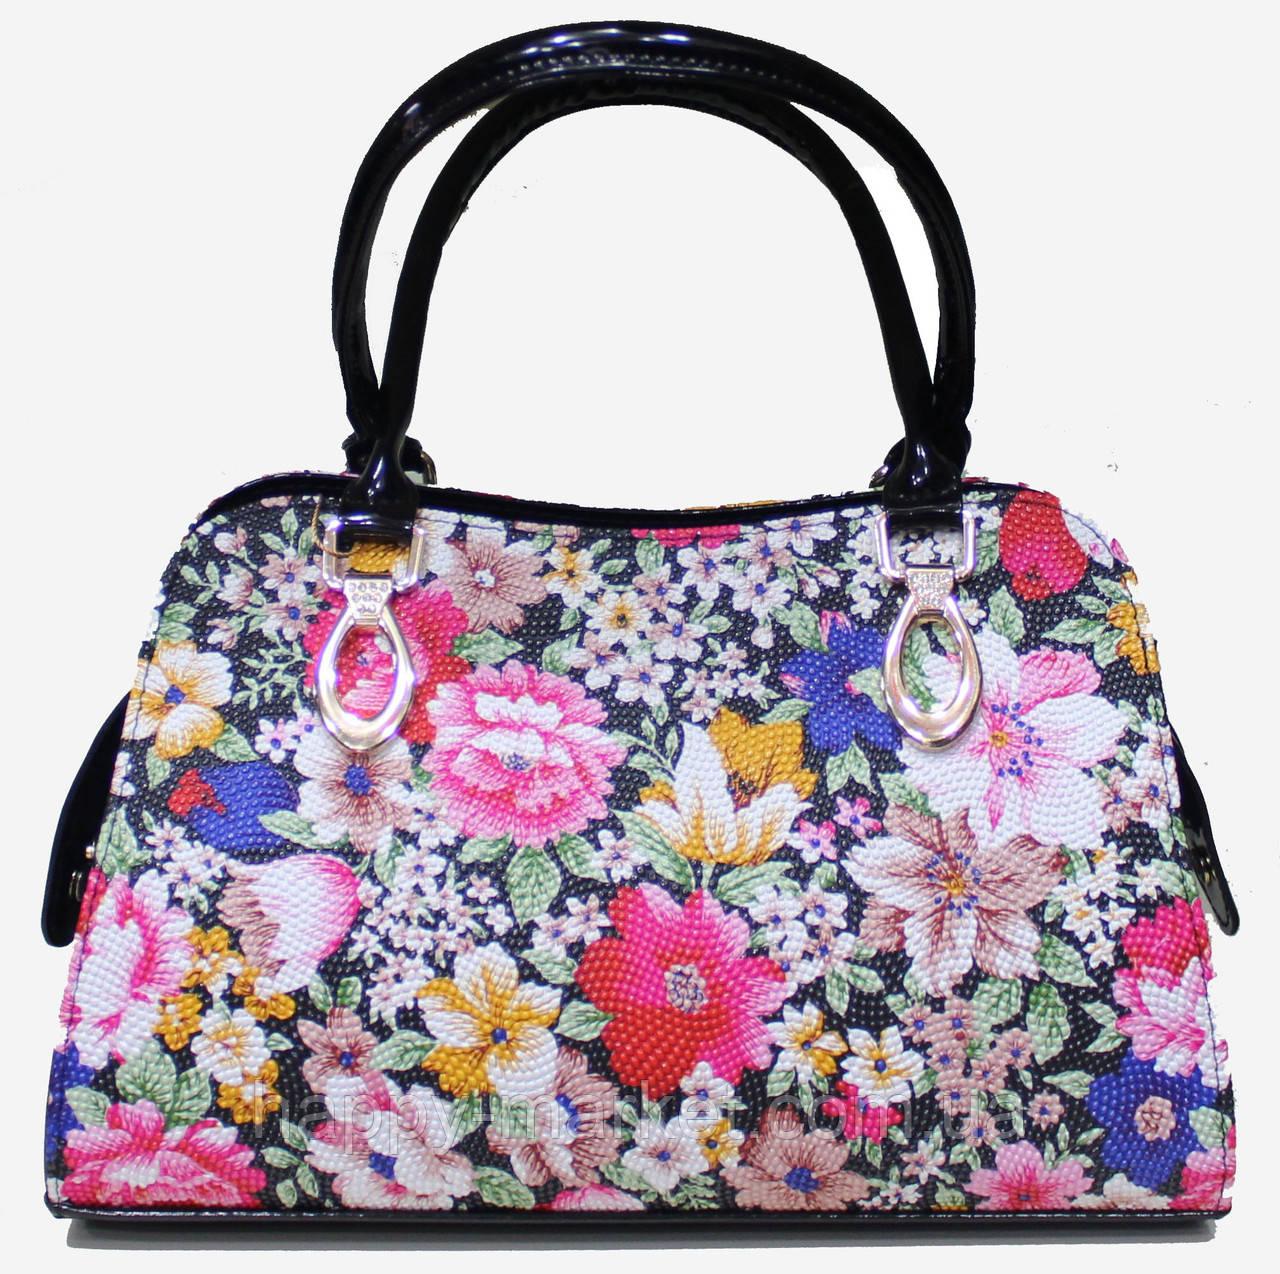 Сумка женская классическая каркасная Цветы LUCK SHERRYS 17-2115-11 -  Интернет-магазин 4831f453ffb